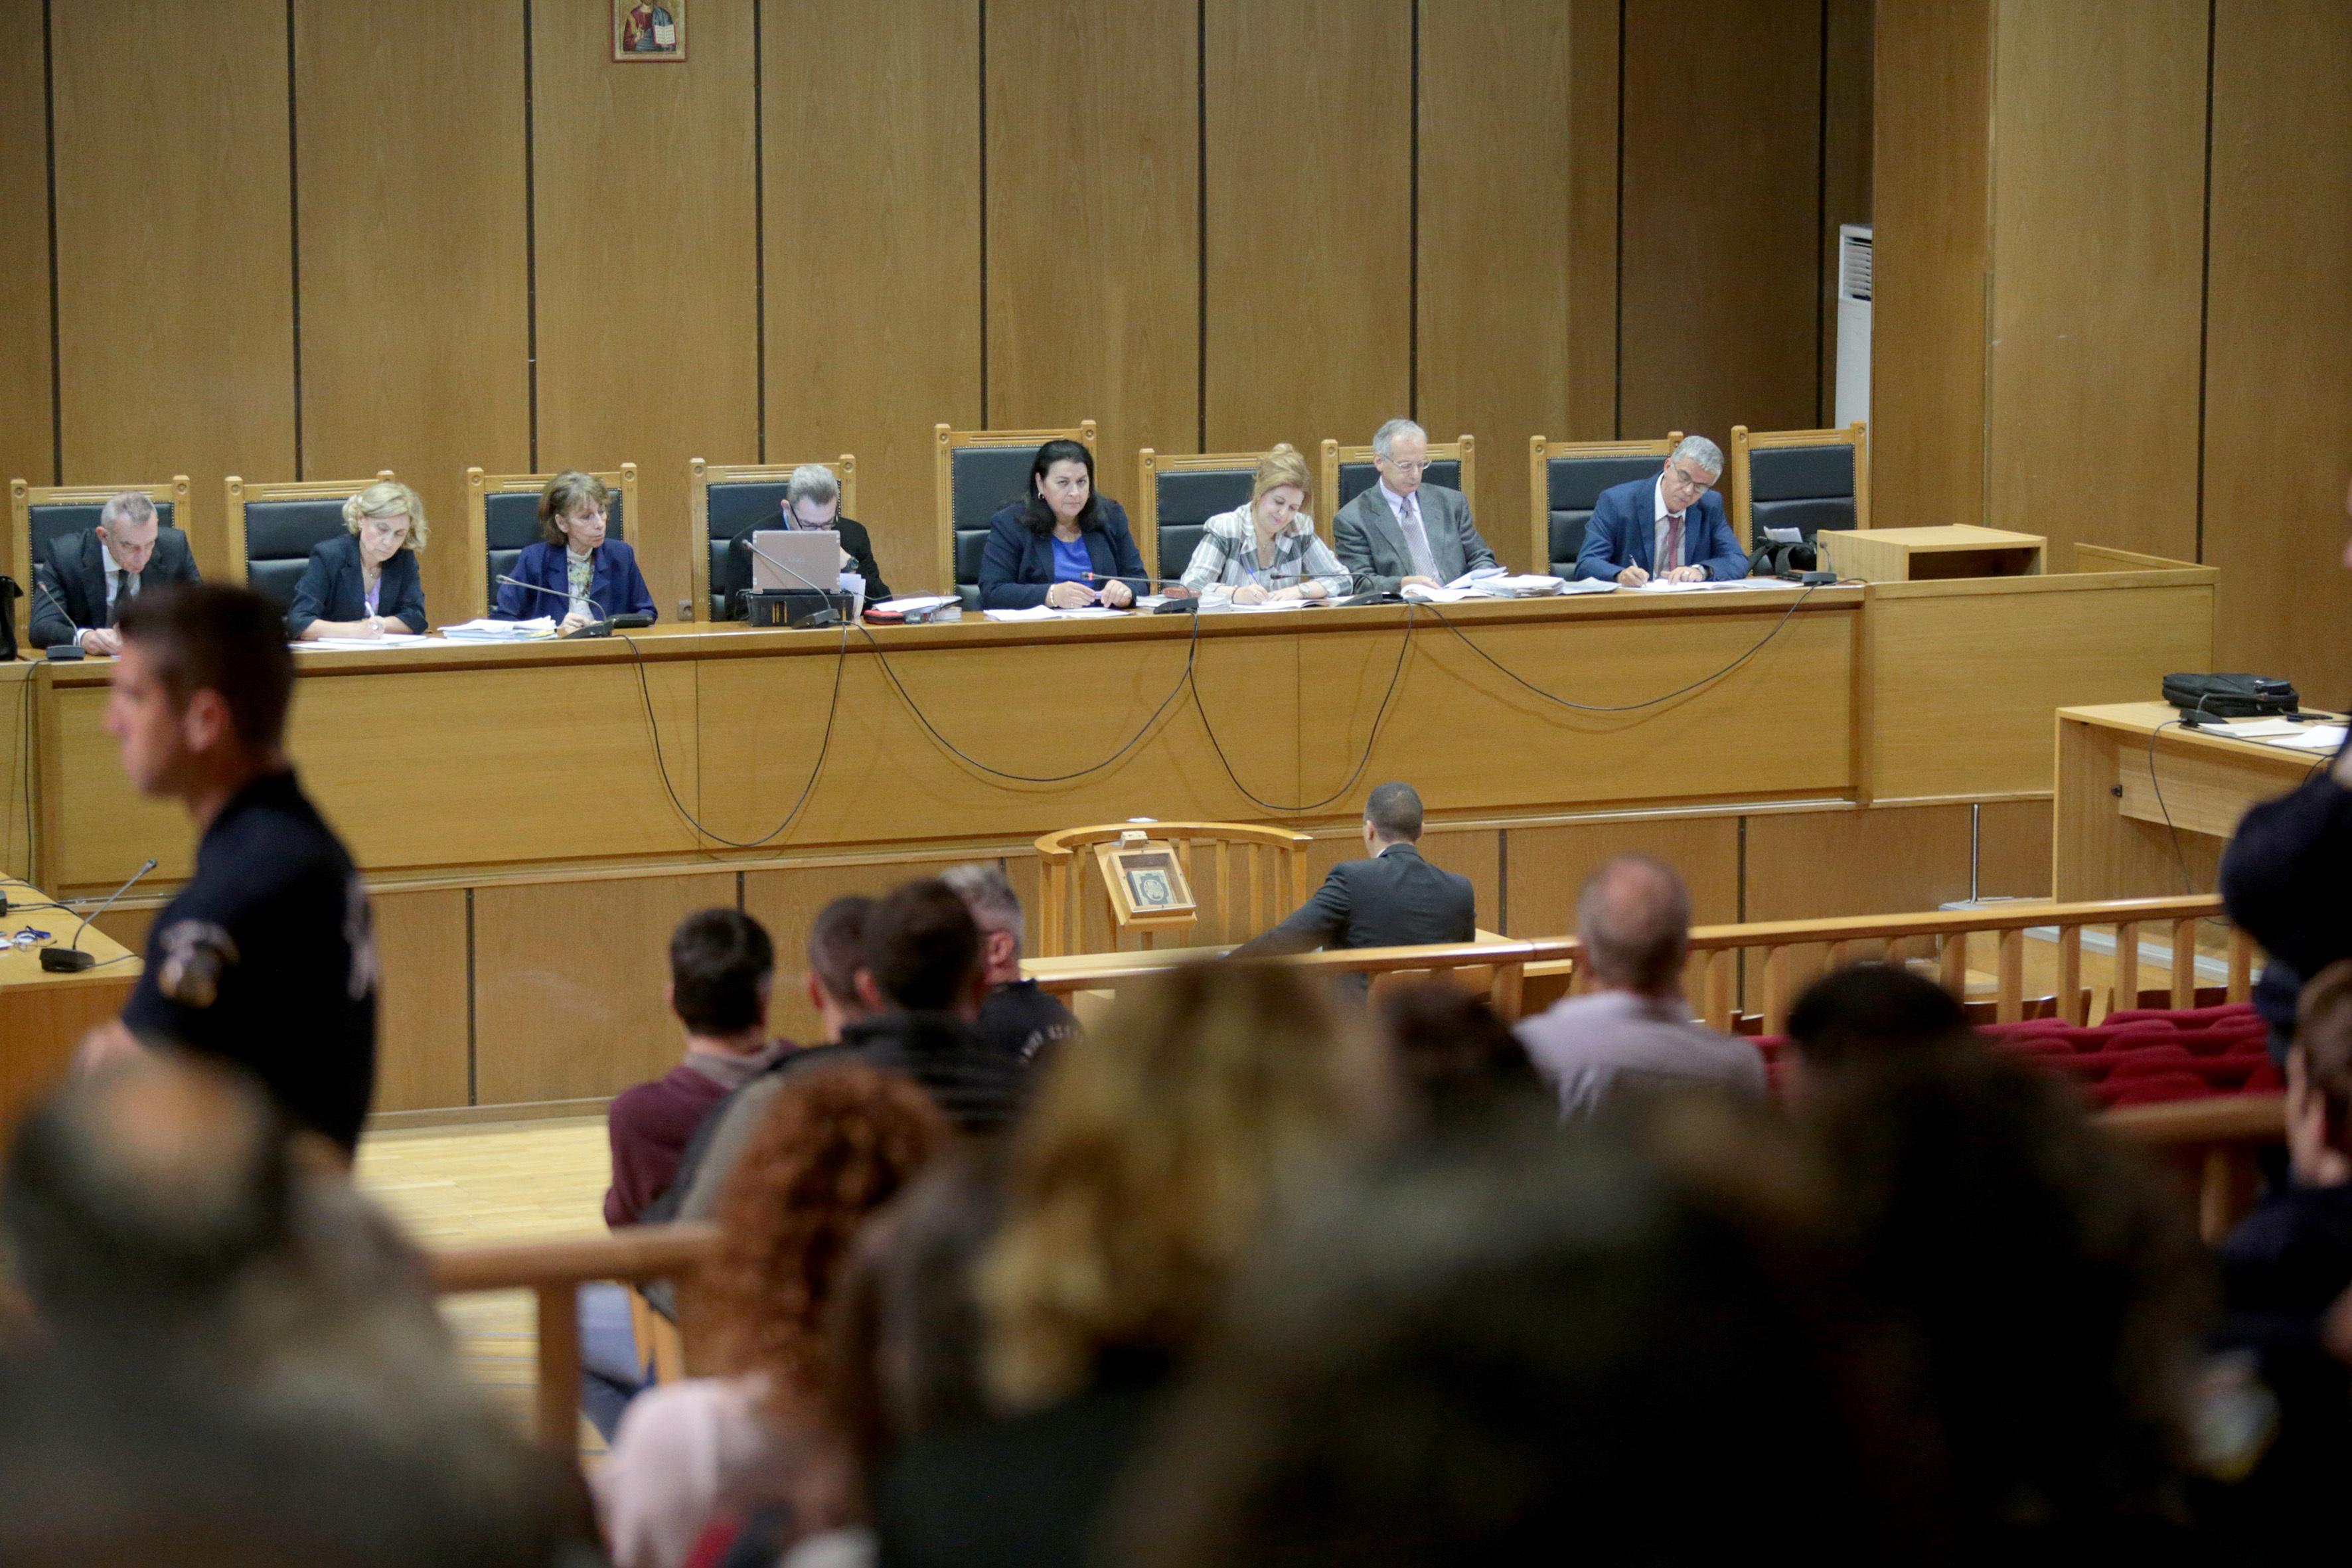 Ενώπιος ενωπίω Μάγδα Φύσσα – Ηλίας Κασιδιάρης στο δικαστήριο (φωτογραφίες) | Ελλάδα